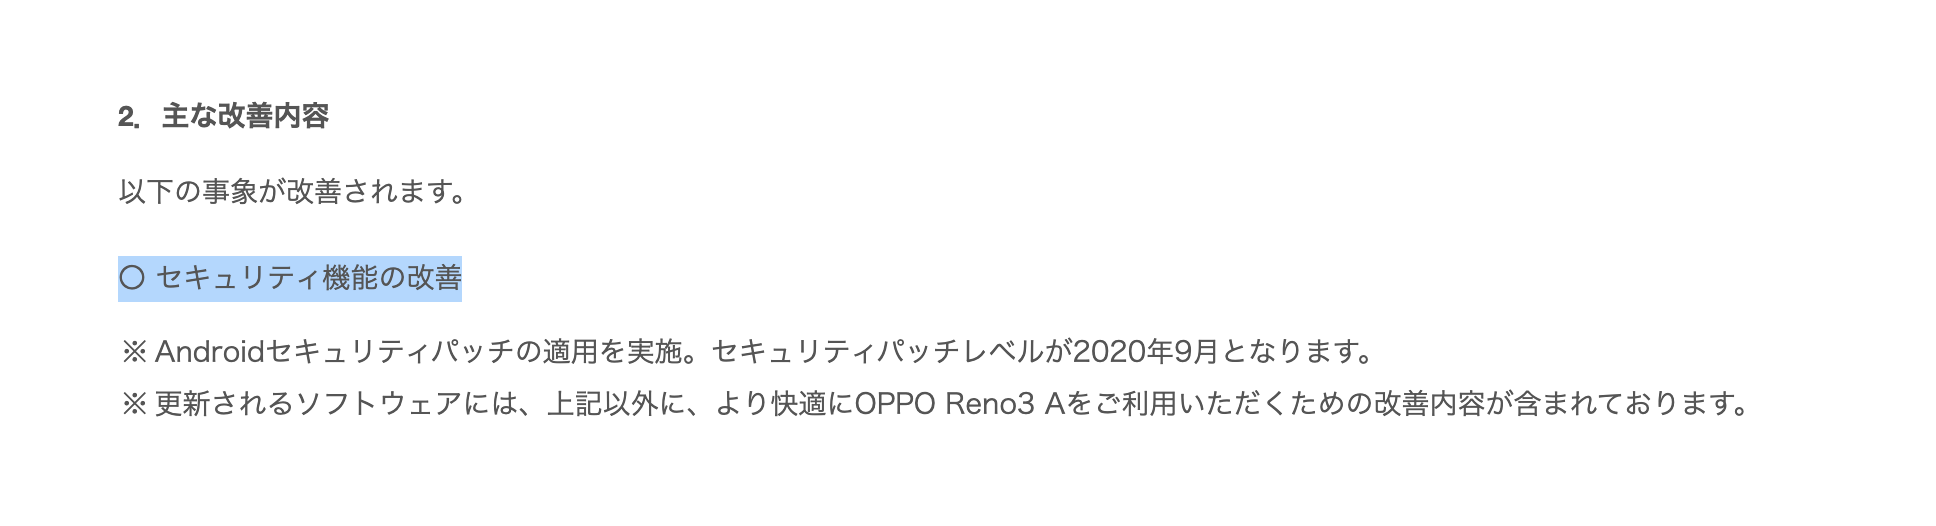 f:id:Azusa_Hirano:20200928063221p:plain